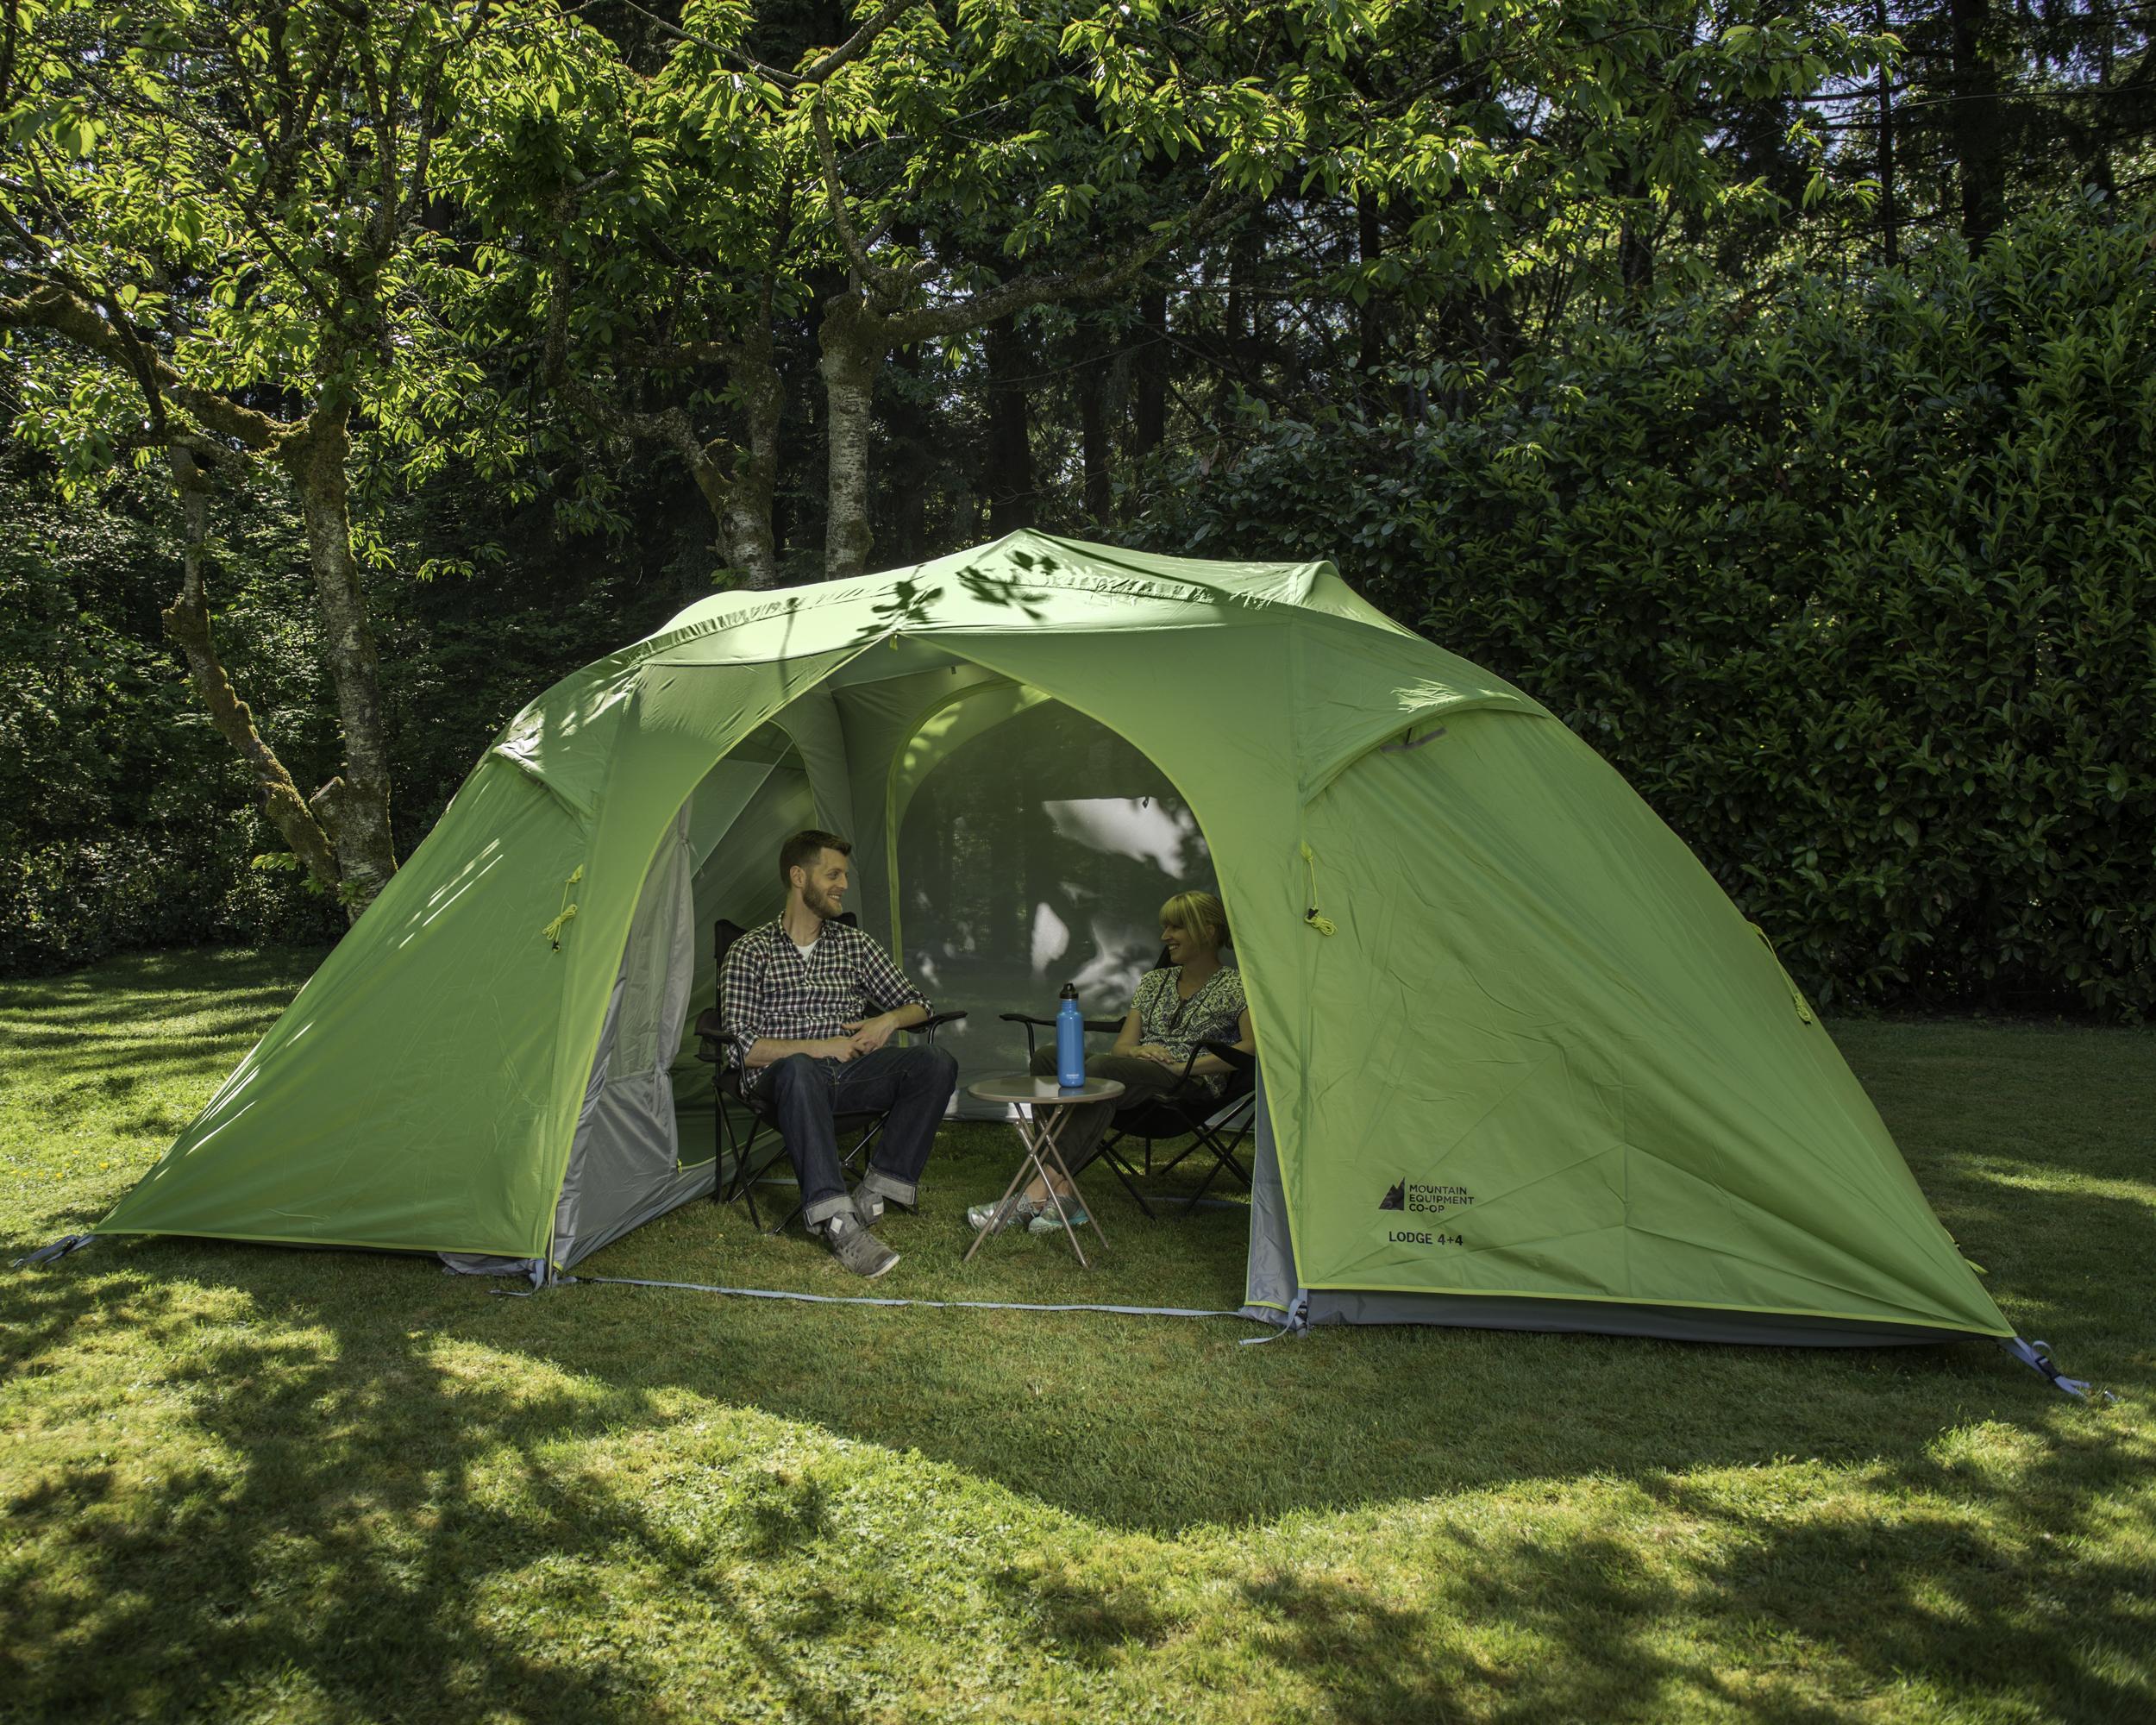 & MEC Lodge 4+4 Tent